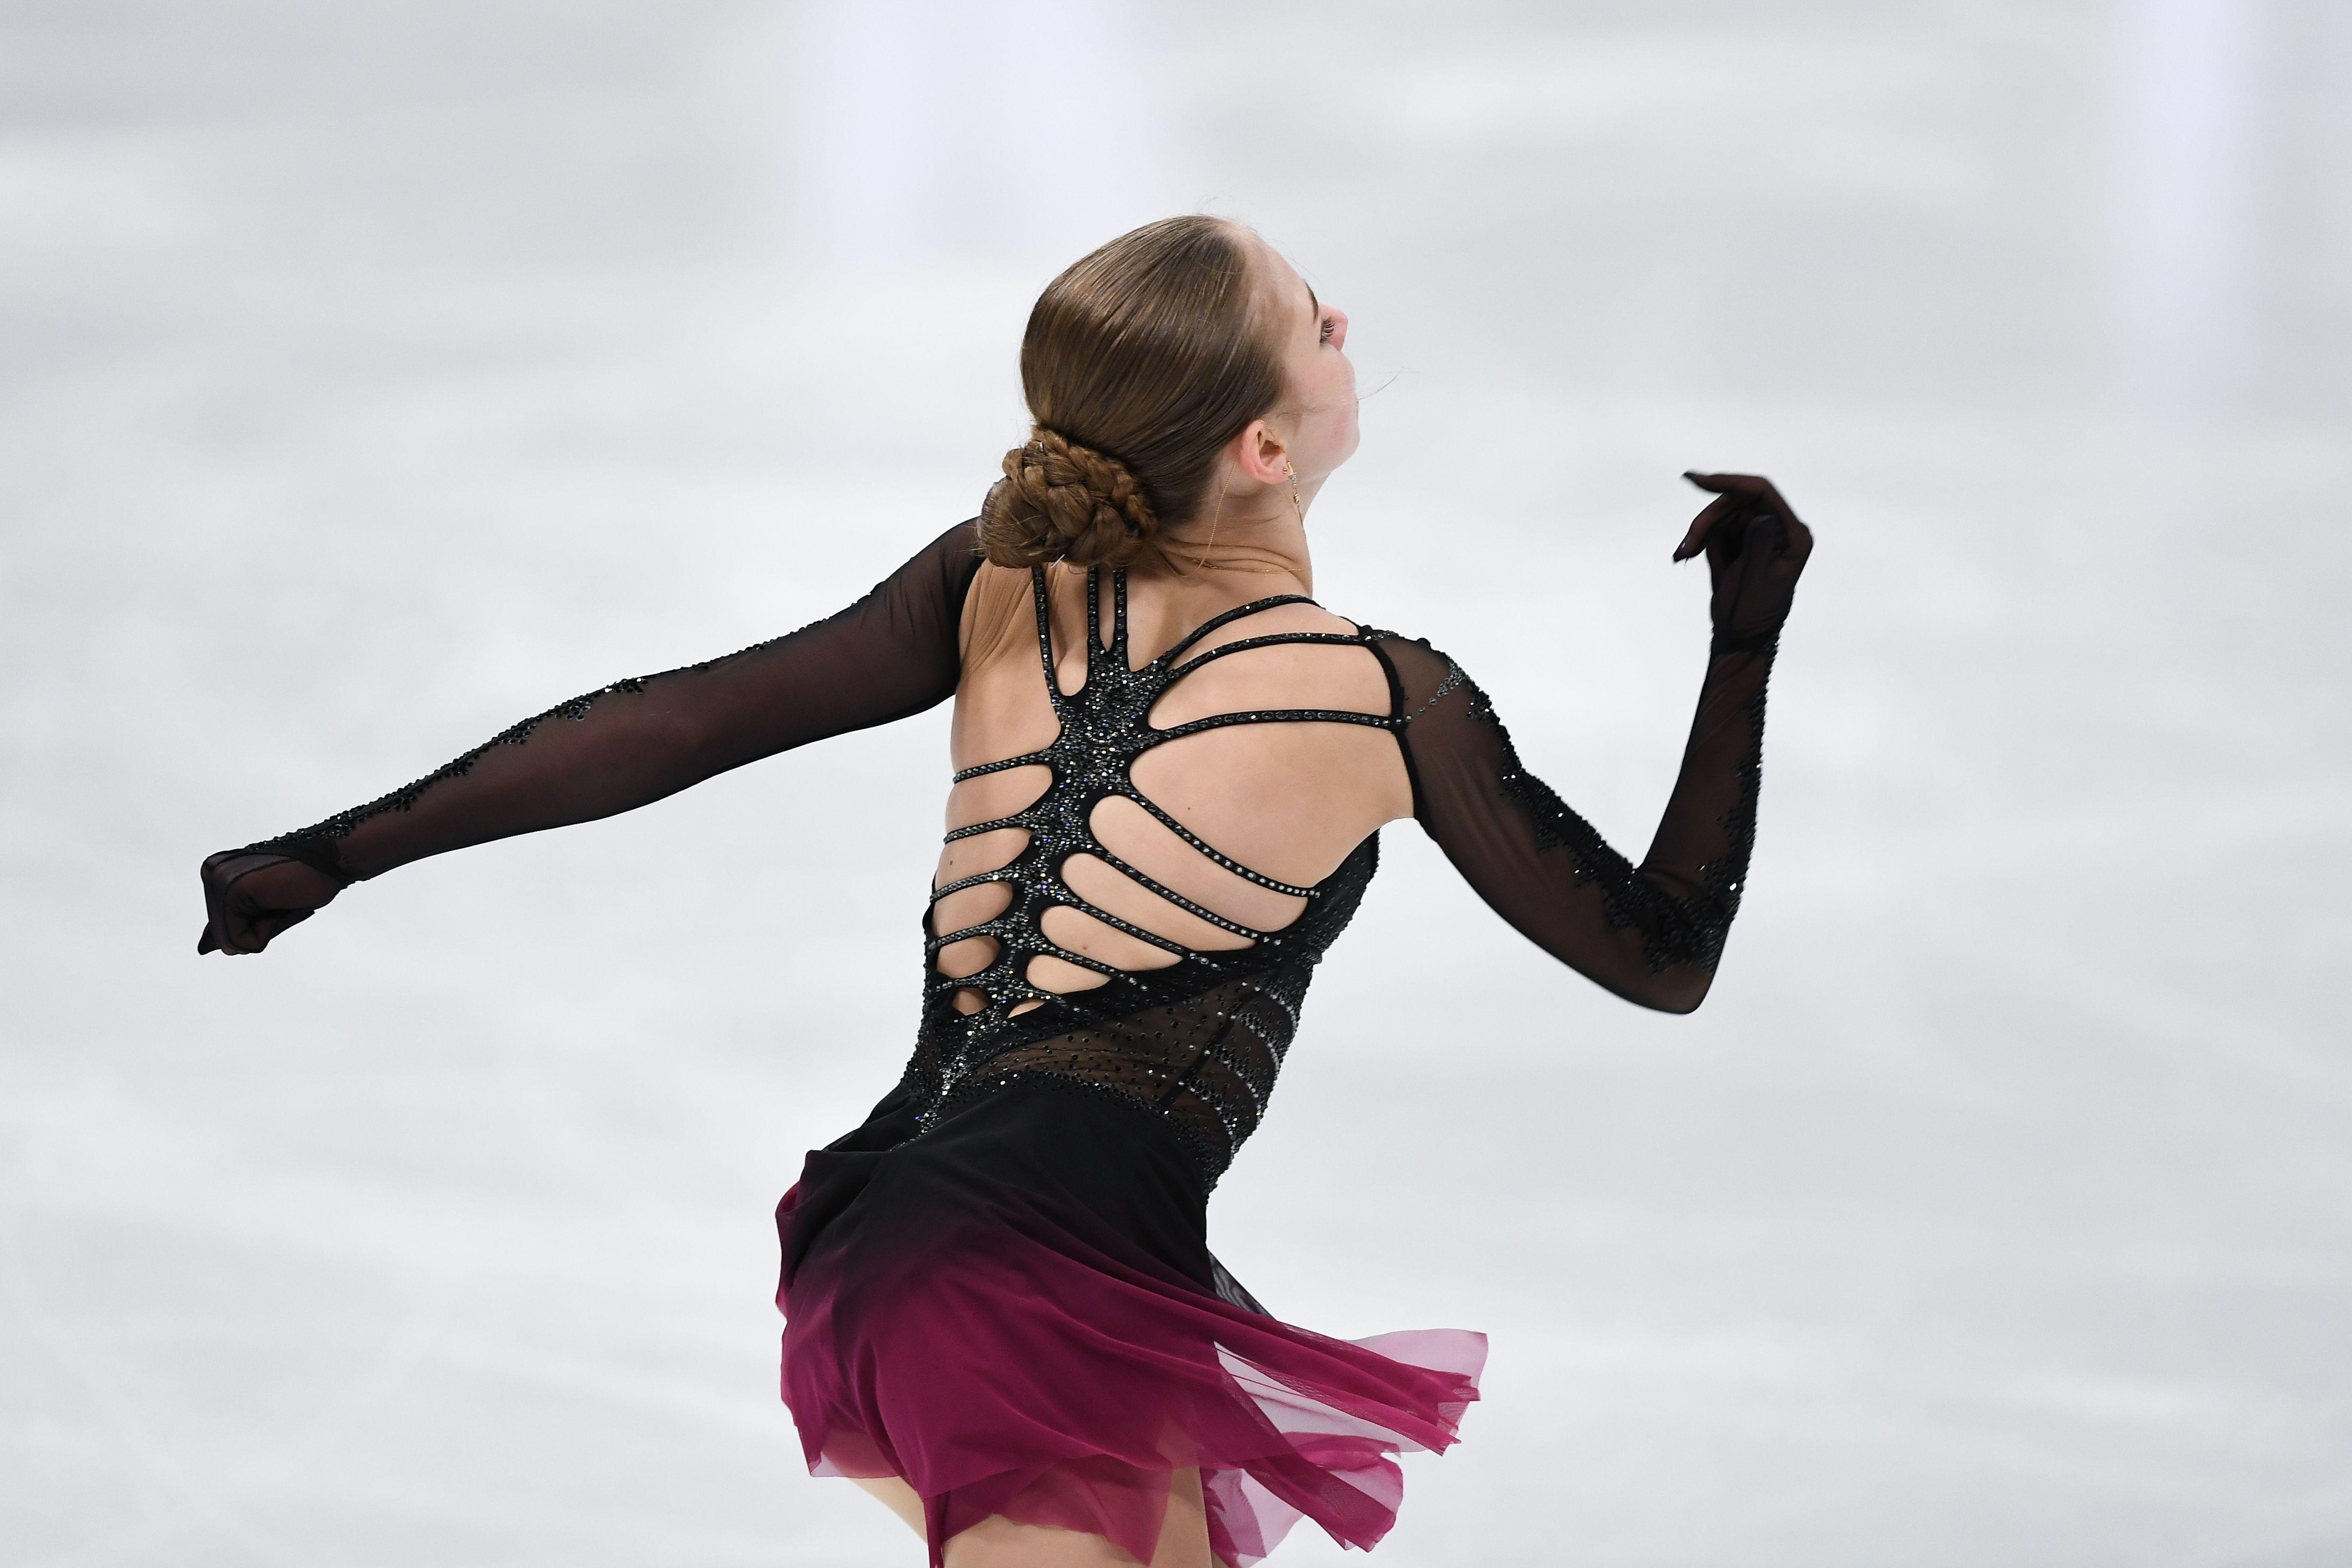 Трусова дала большое интервью после ЧМ-2021: 'Олимпиада - главная цель для каждого спортсмена'. ВИДЕО